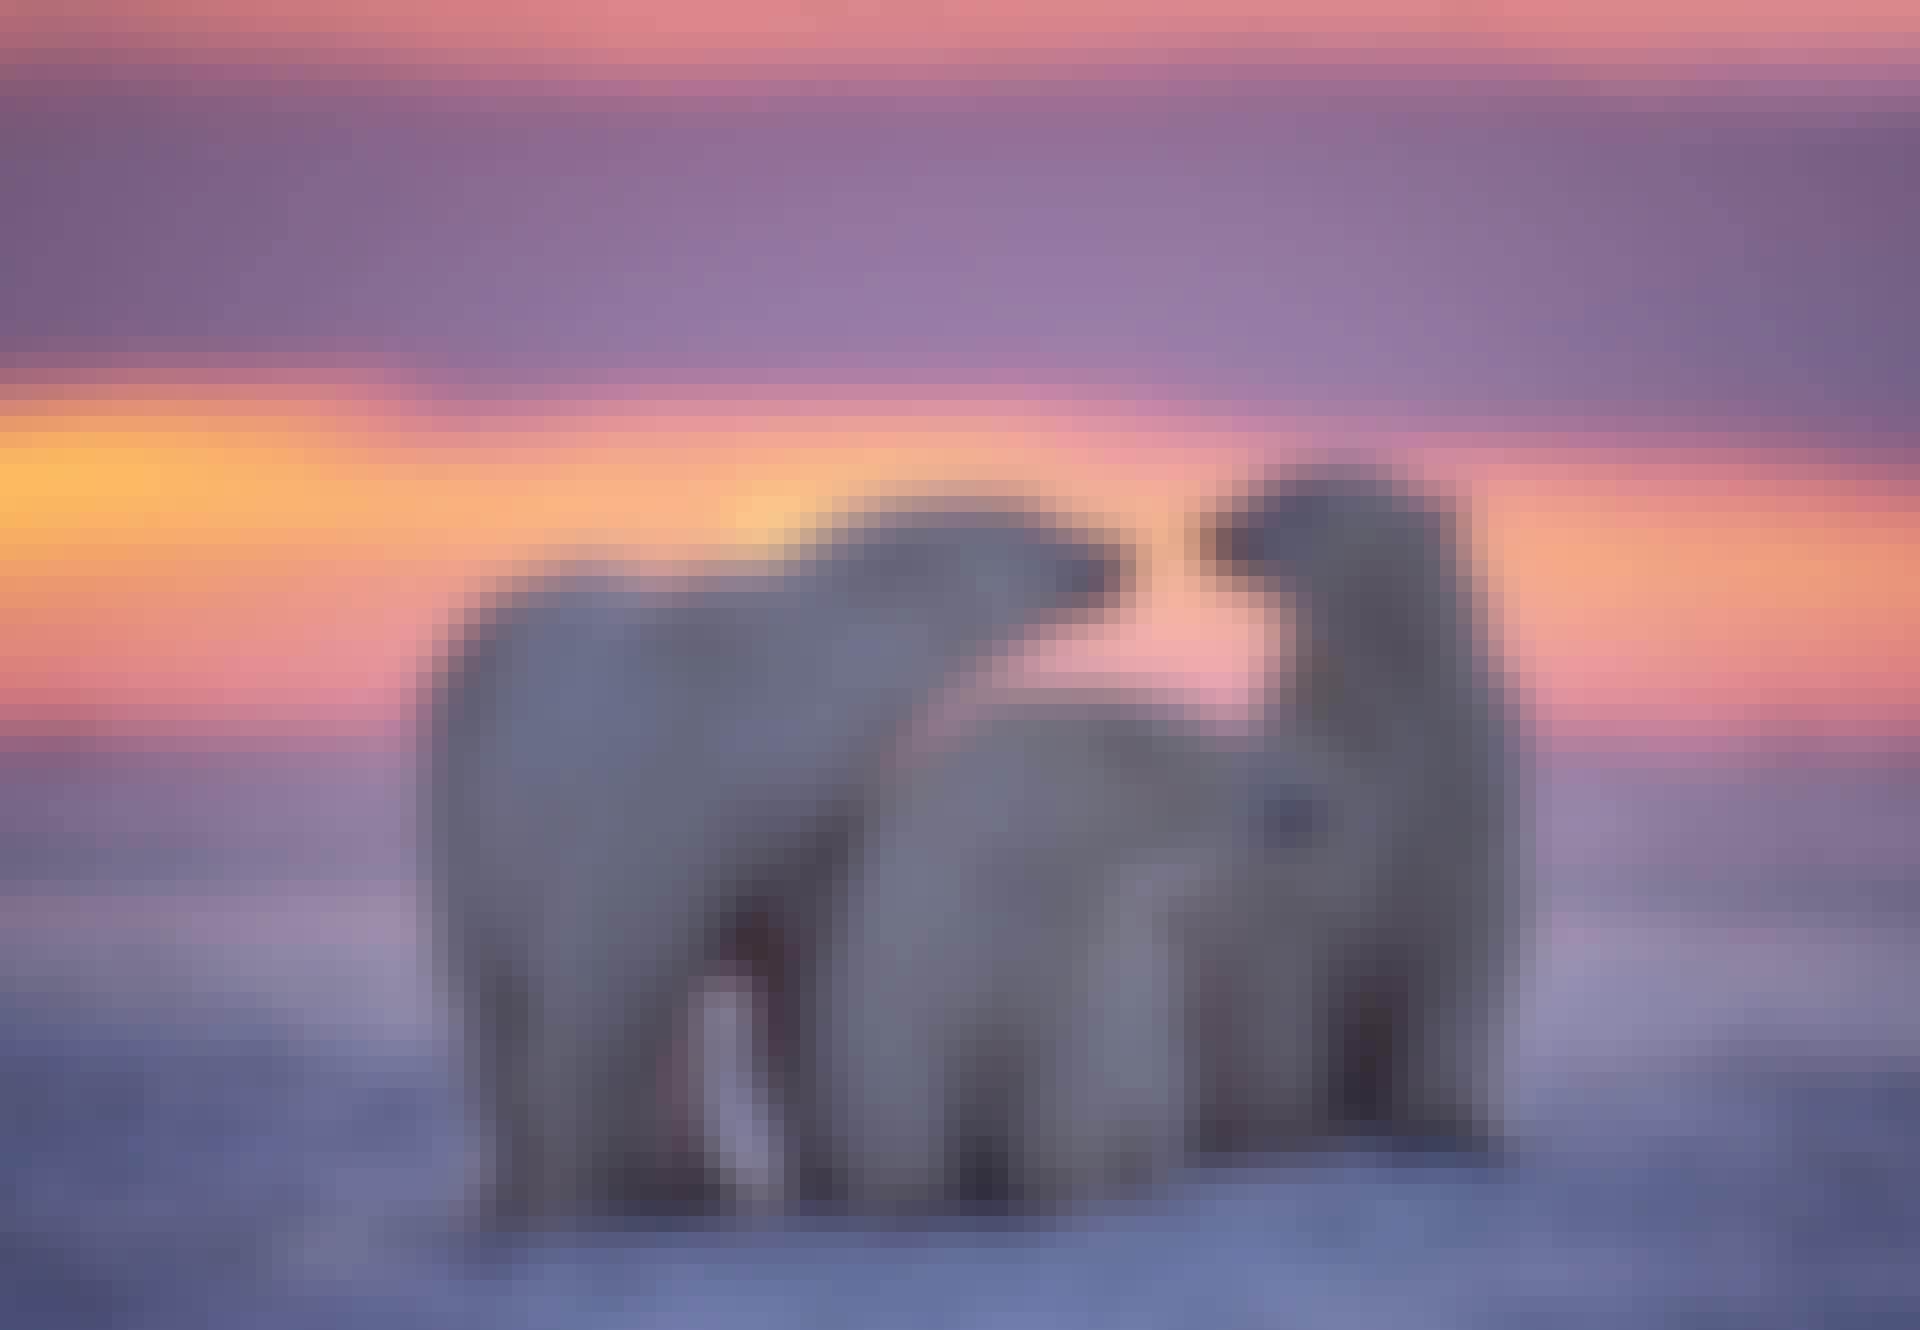 Jääkarhuperhe auringonlaskussa